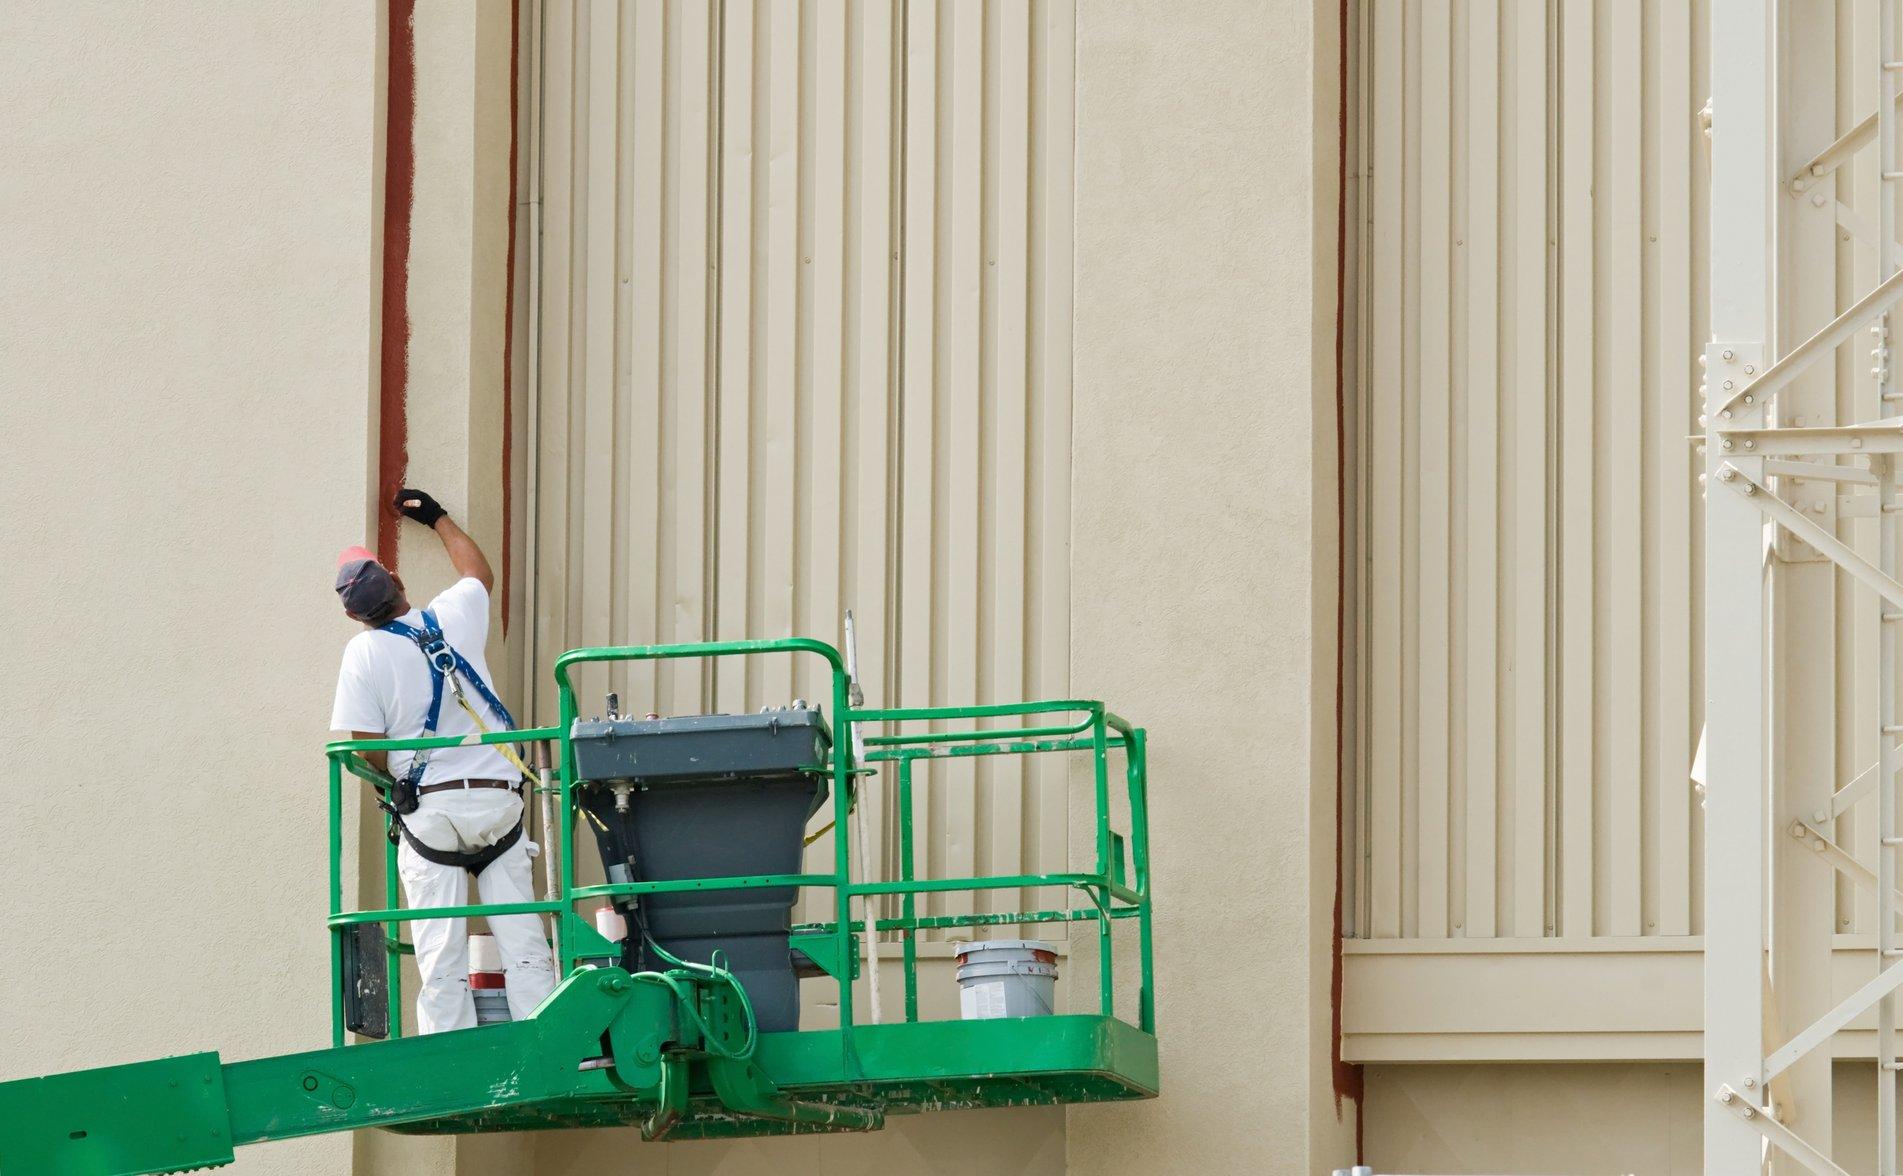 shutterstock_18300784 expires 12.13.17.jpg